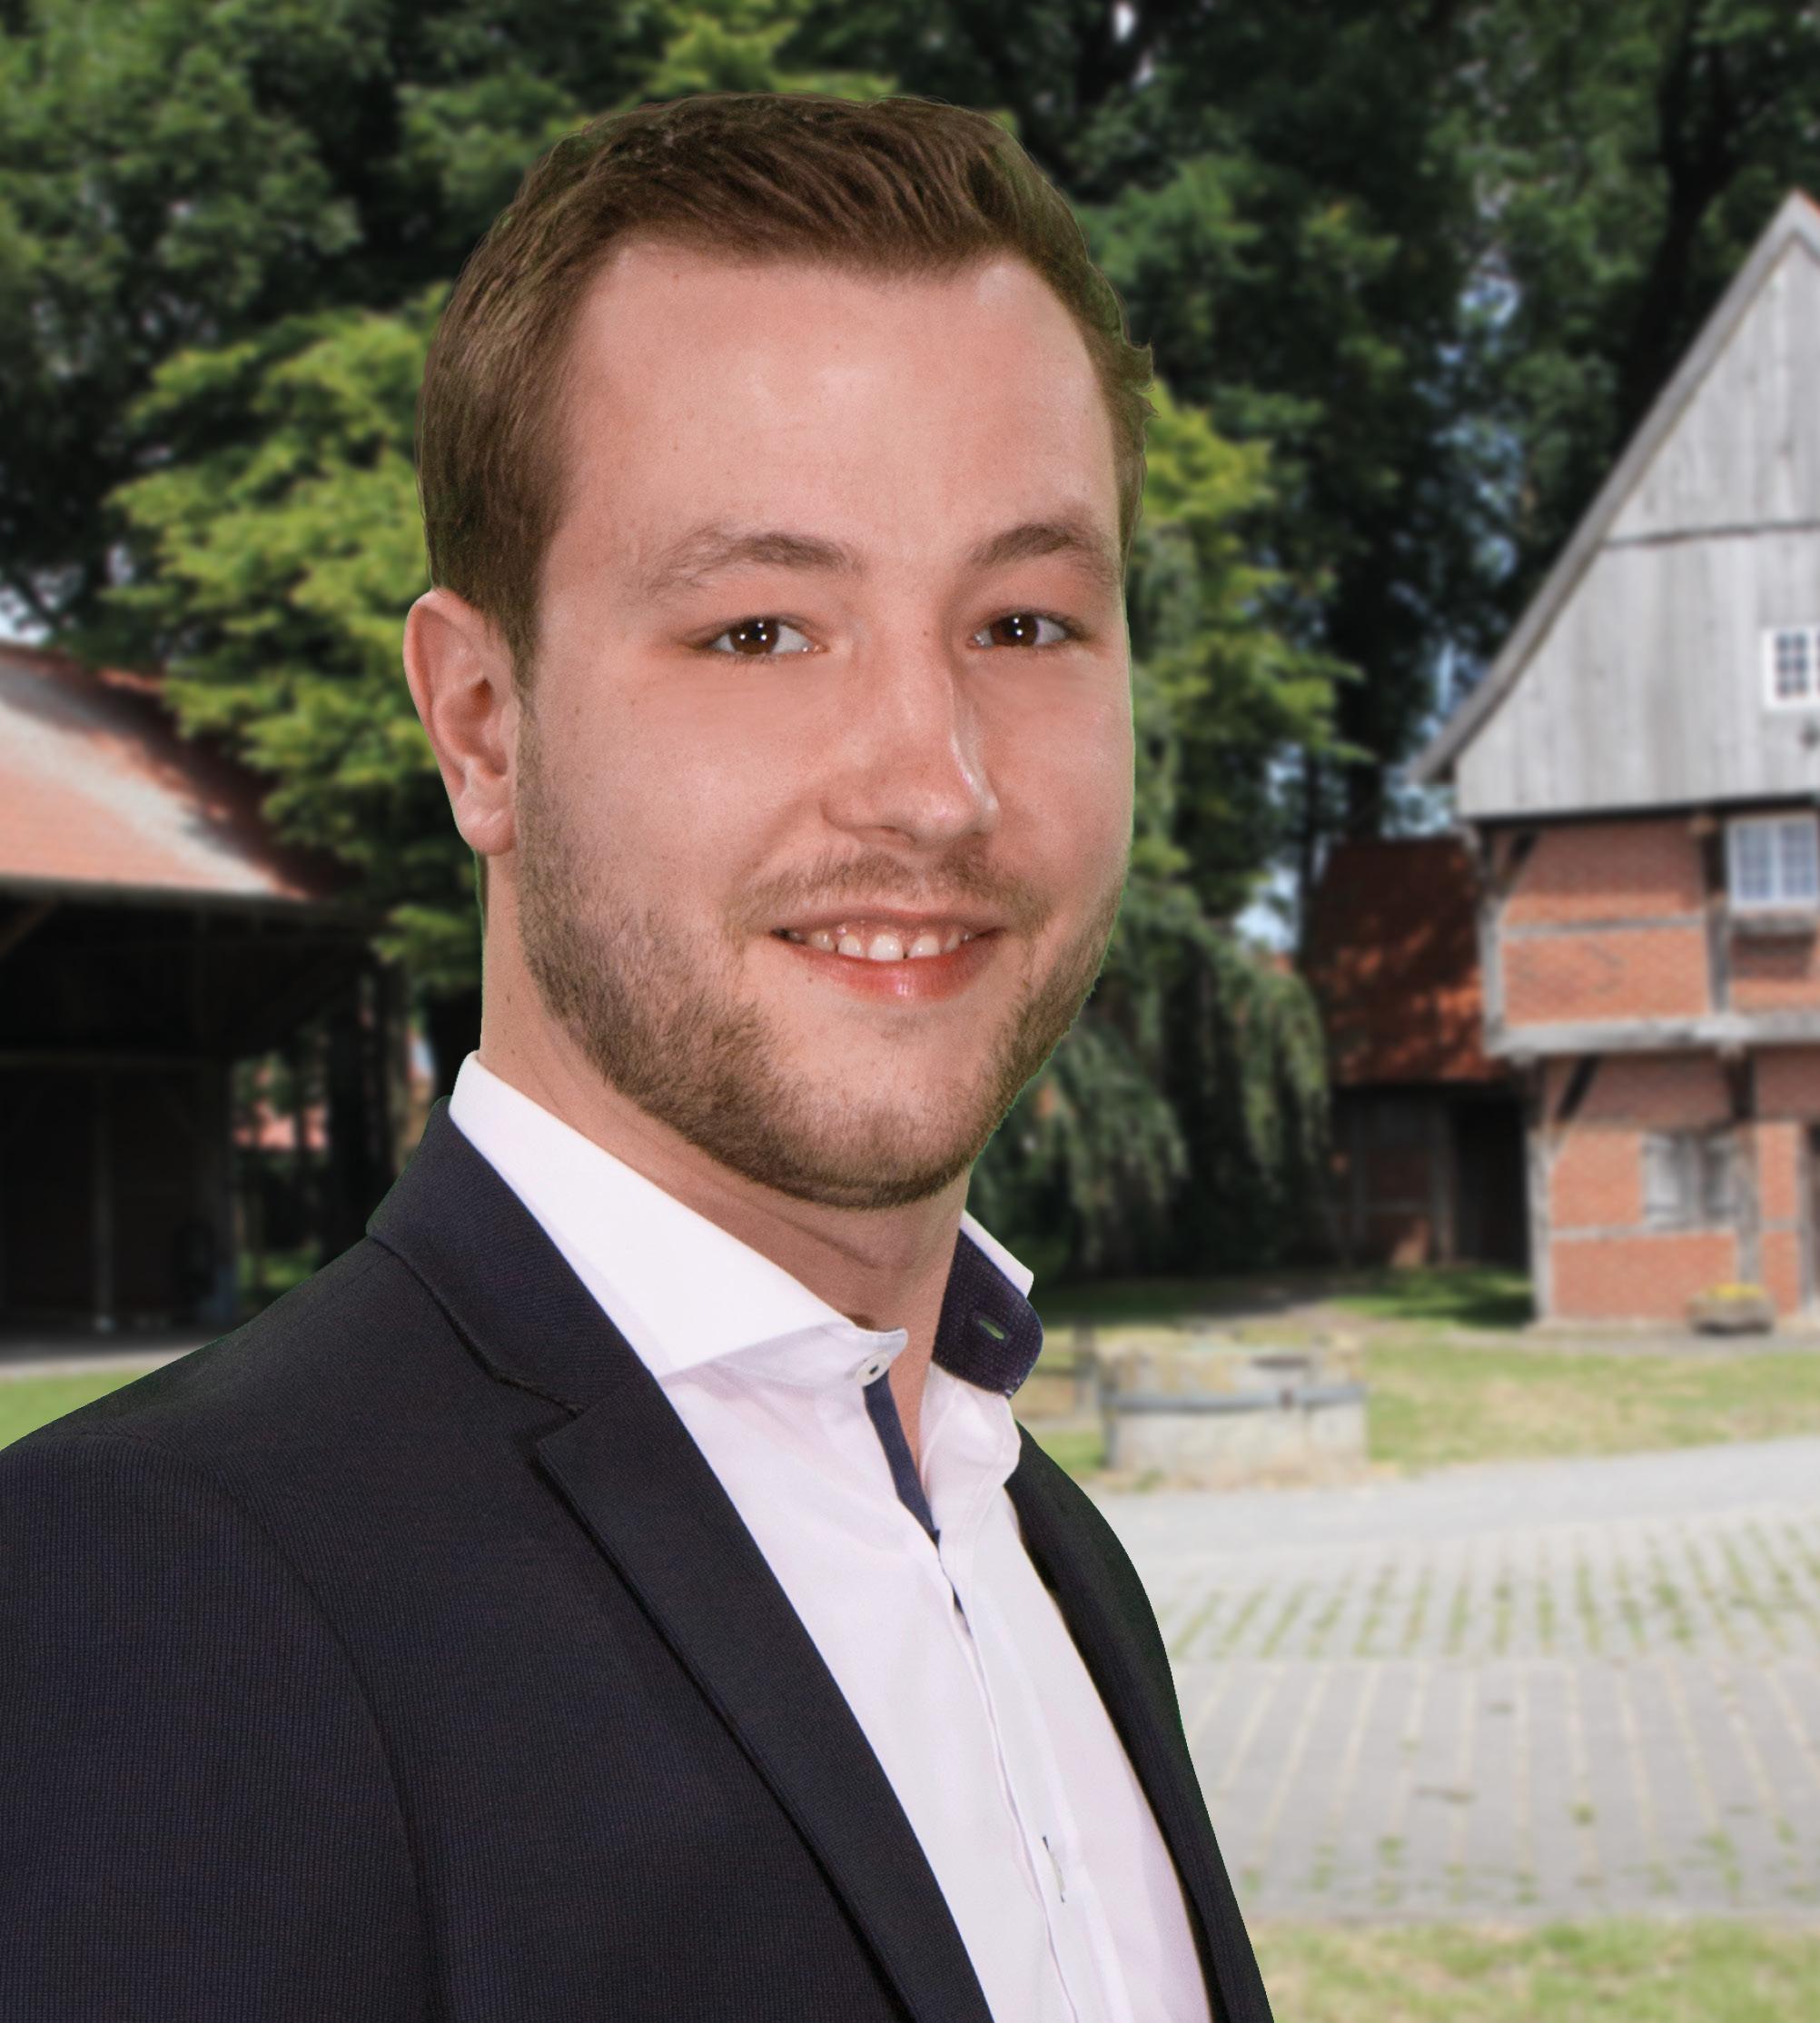 Johannes Terhaar